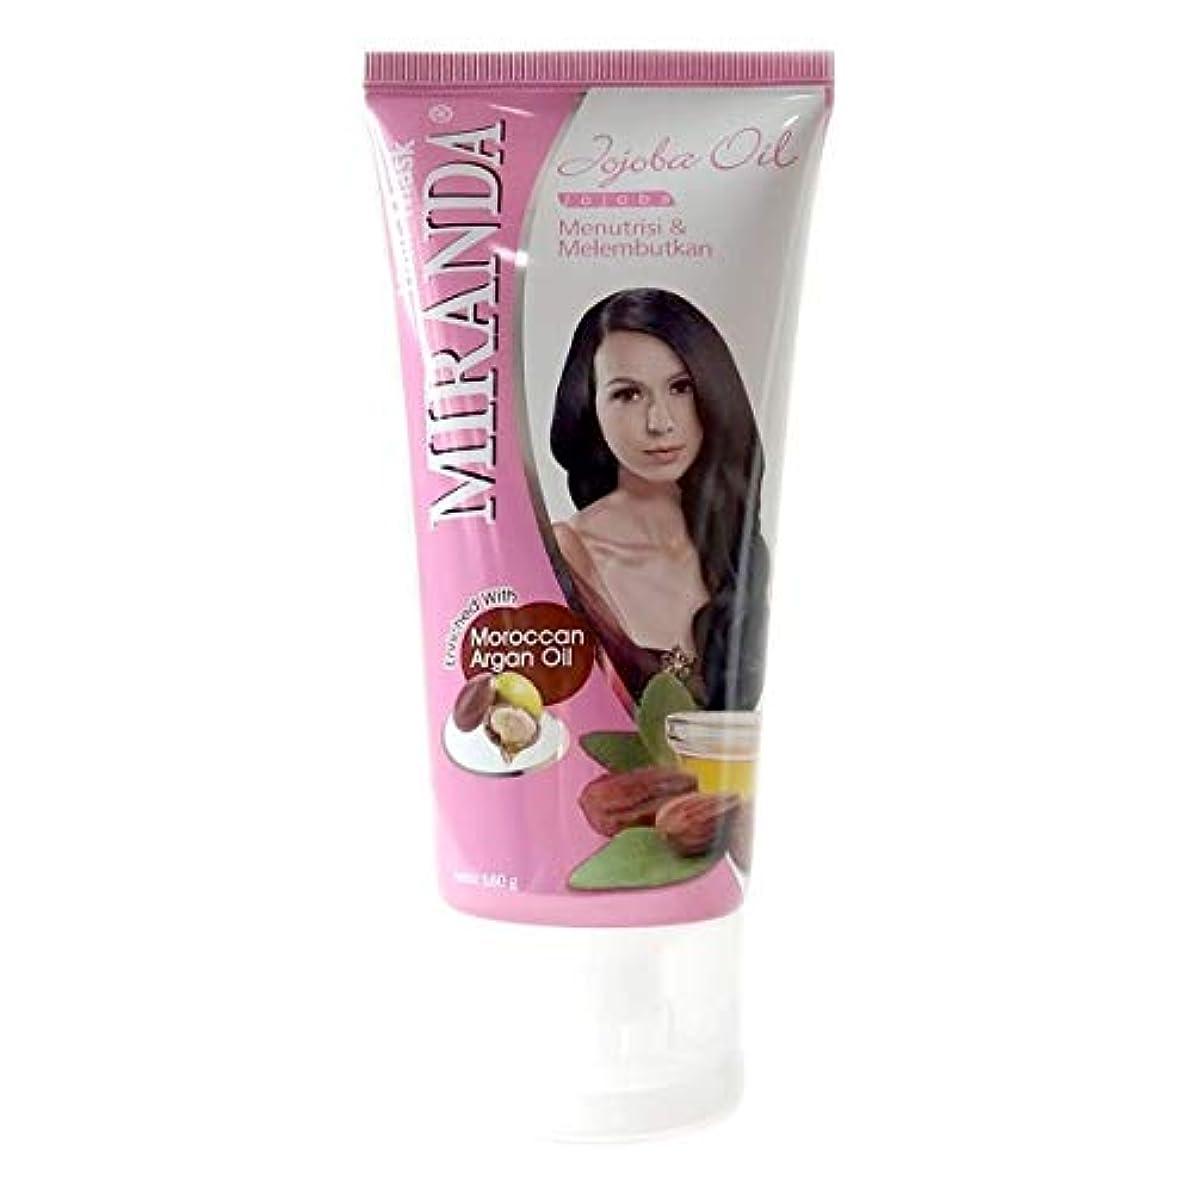 同様に注入勇気MIRANDA ミランダ Hair Mask ヘアマスク モロッカンアルガンオイル主成分のヘアトリートメント 160g Jojoba oil ホホバオイル [海外直送品]